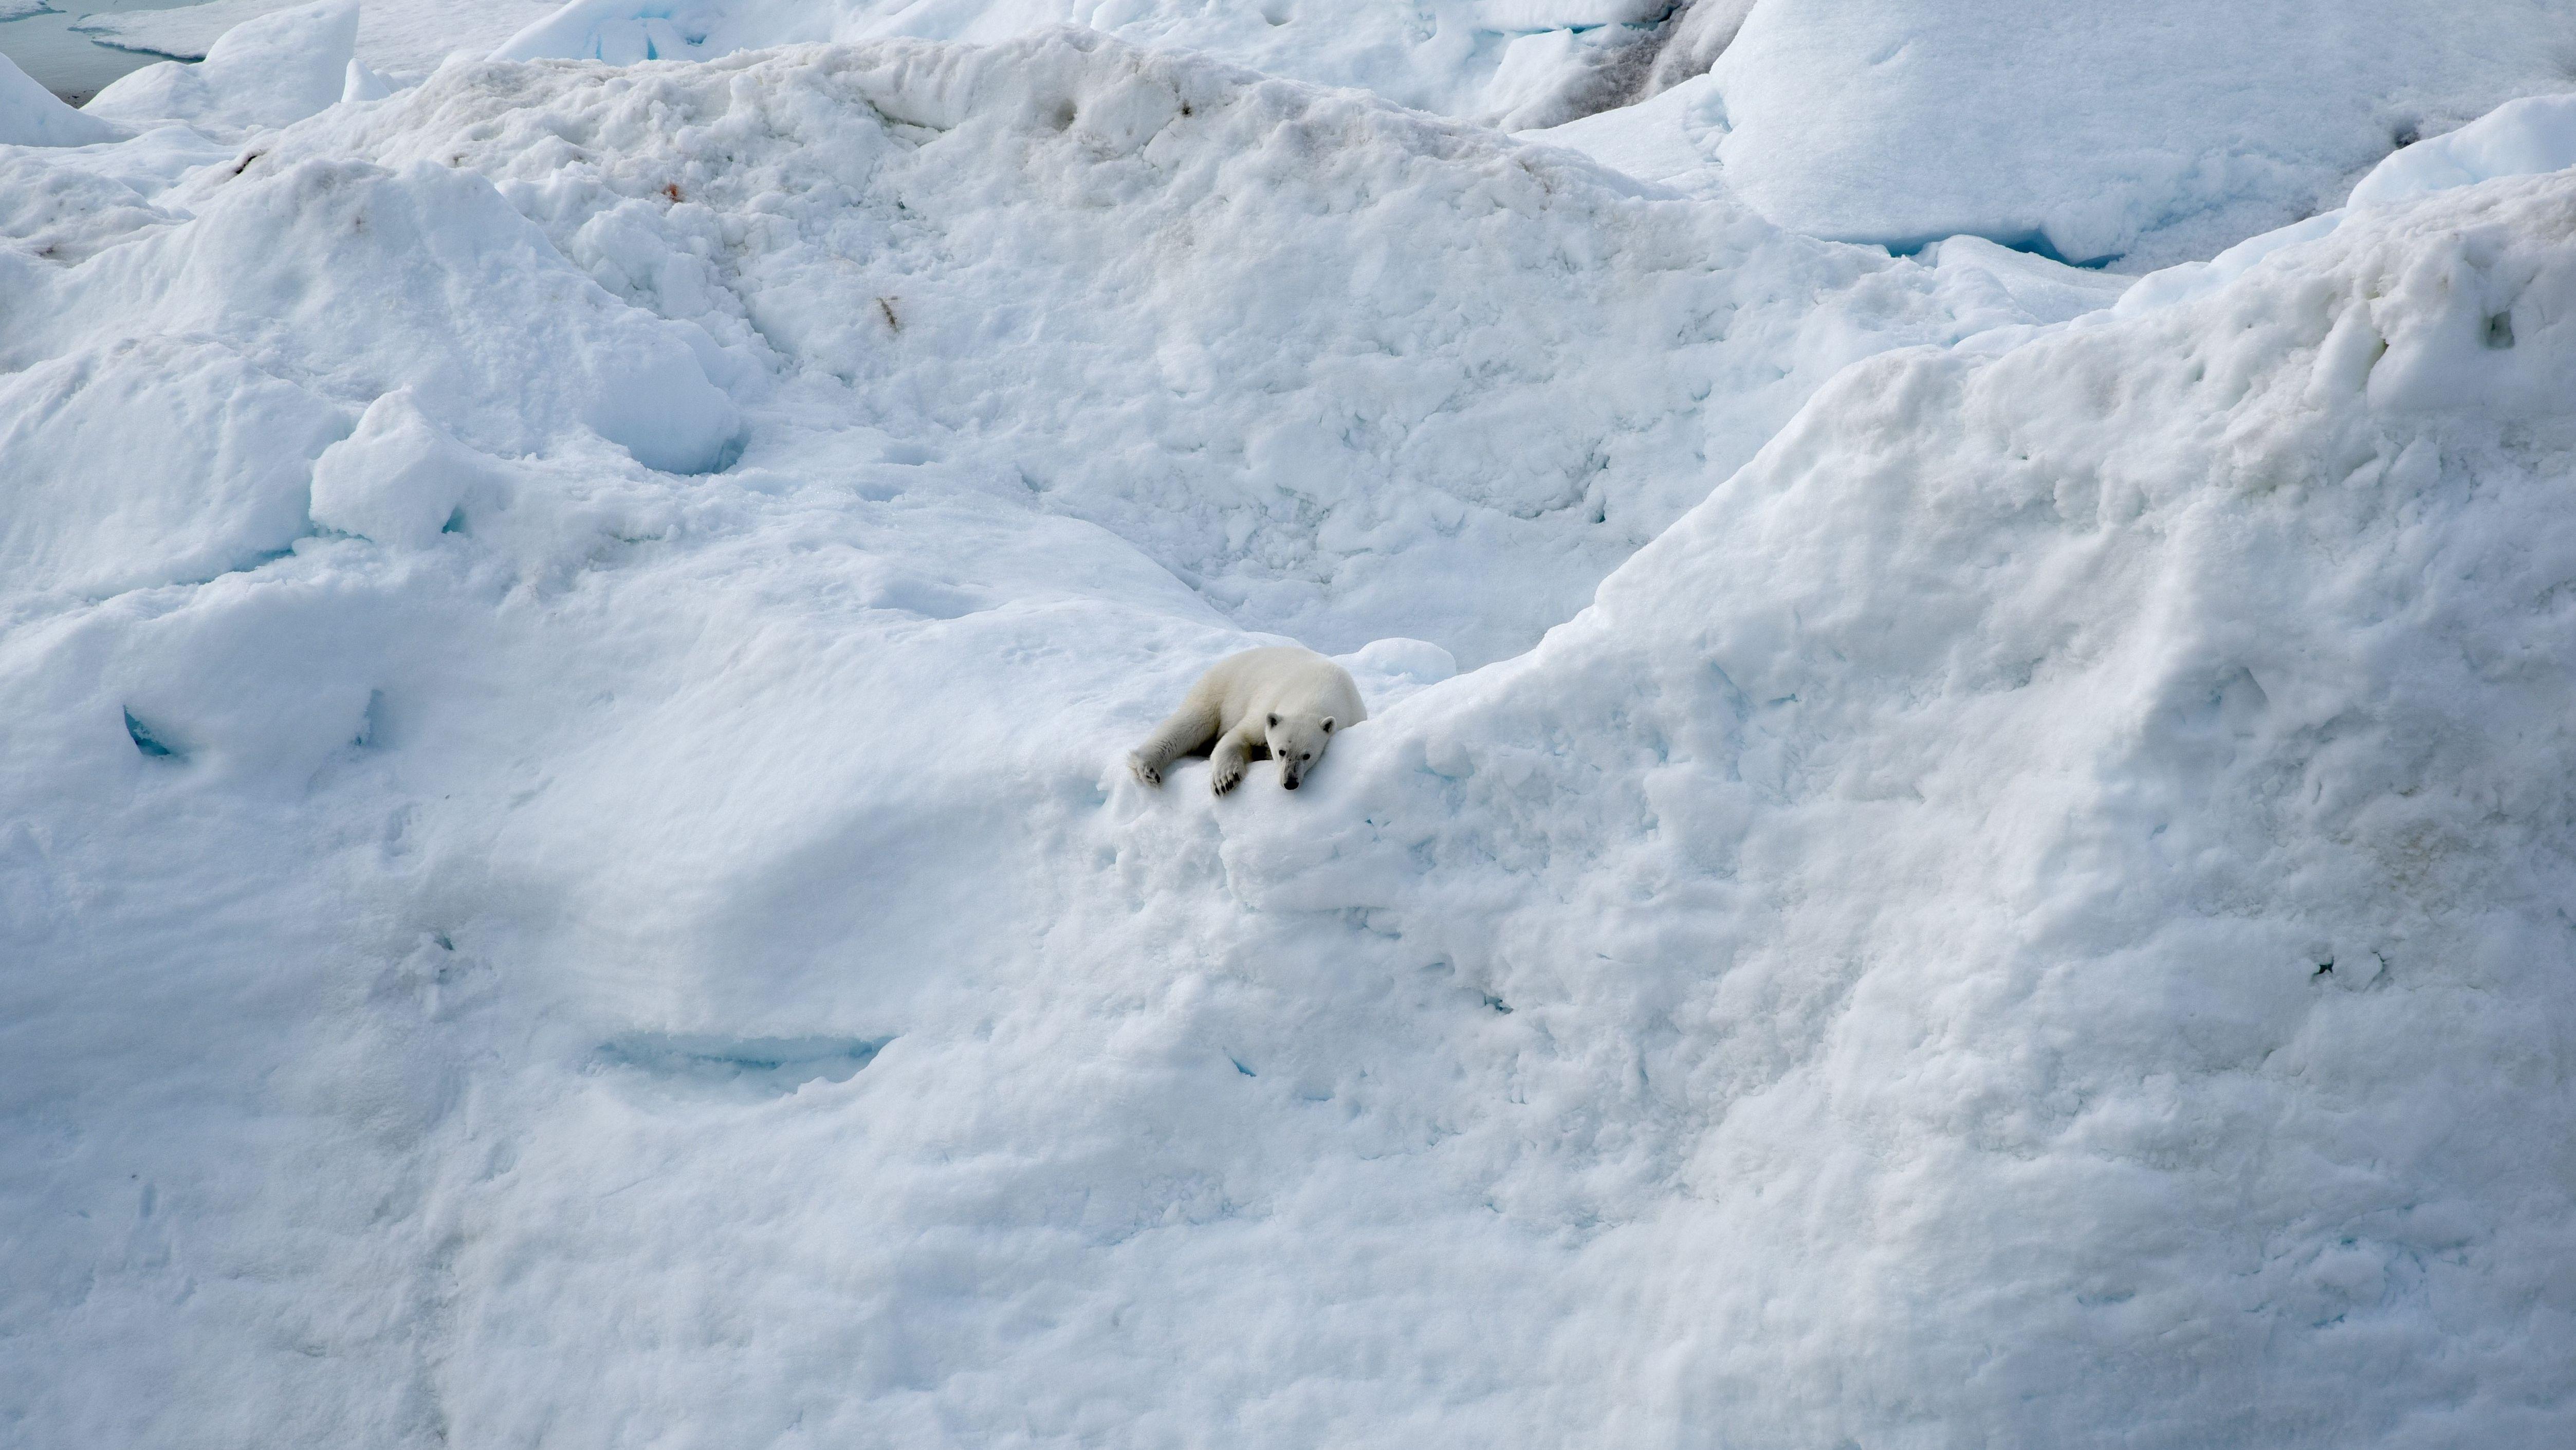 Noch liegt der Eisbär auf einem Eisberg. Wie schnell das Eis schmilzt und welche Folgen das für die Umwelt hat, zeigt der IPCC-Sonderbericht.